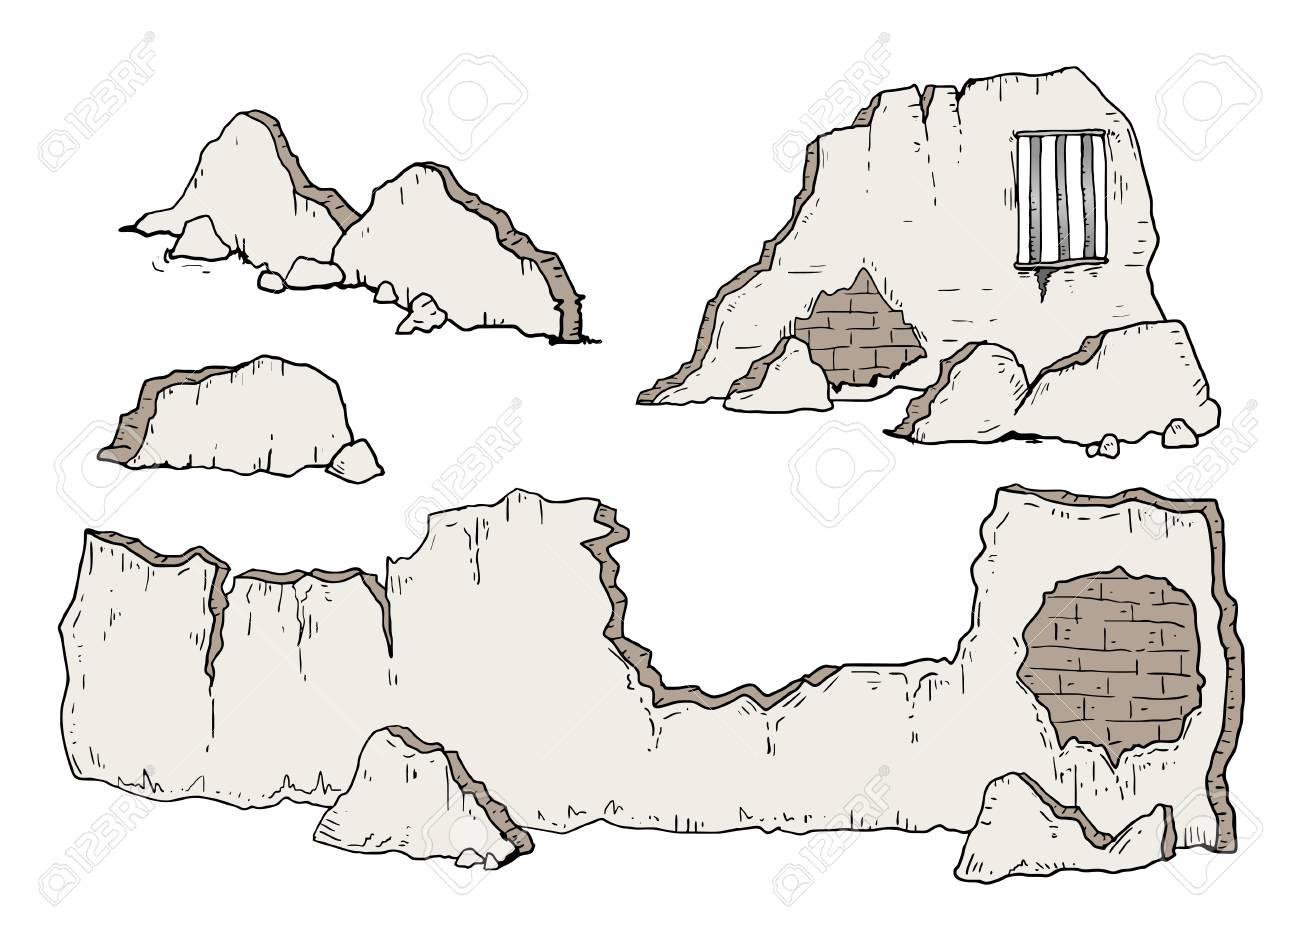 broken wall illustration.